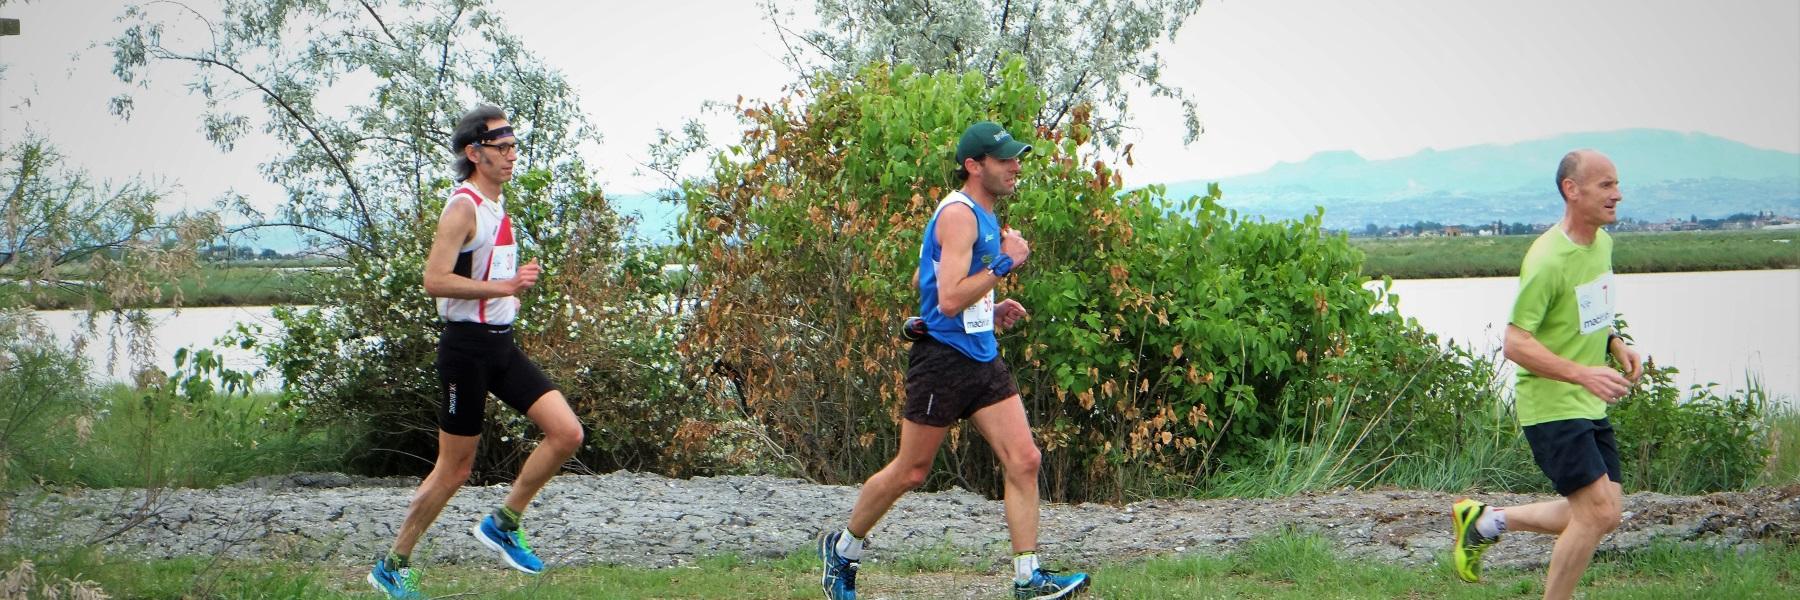 Ecomarathon